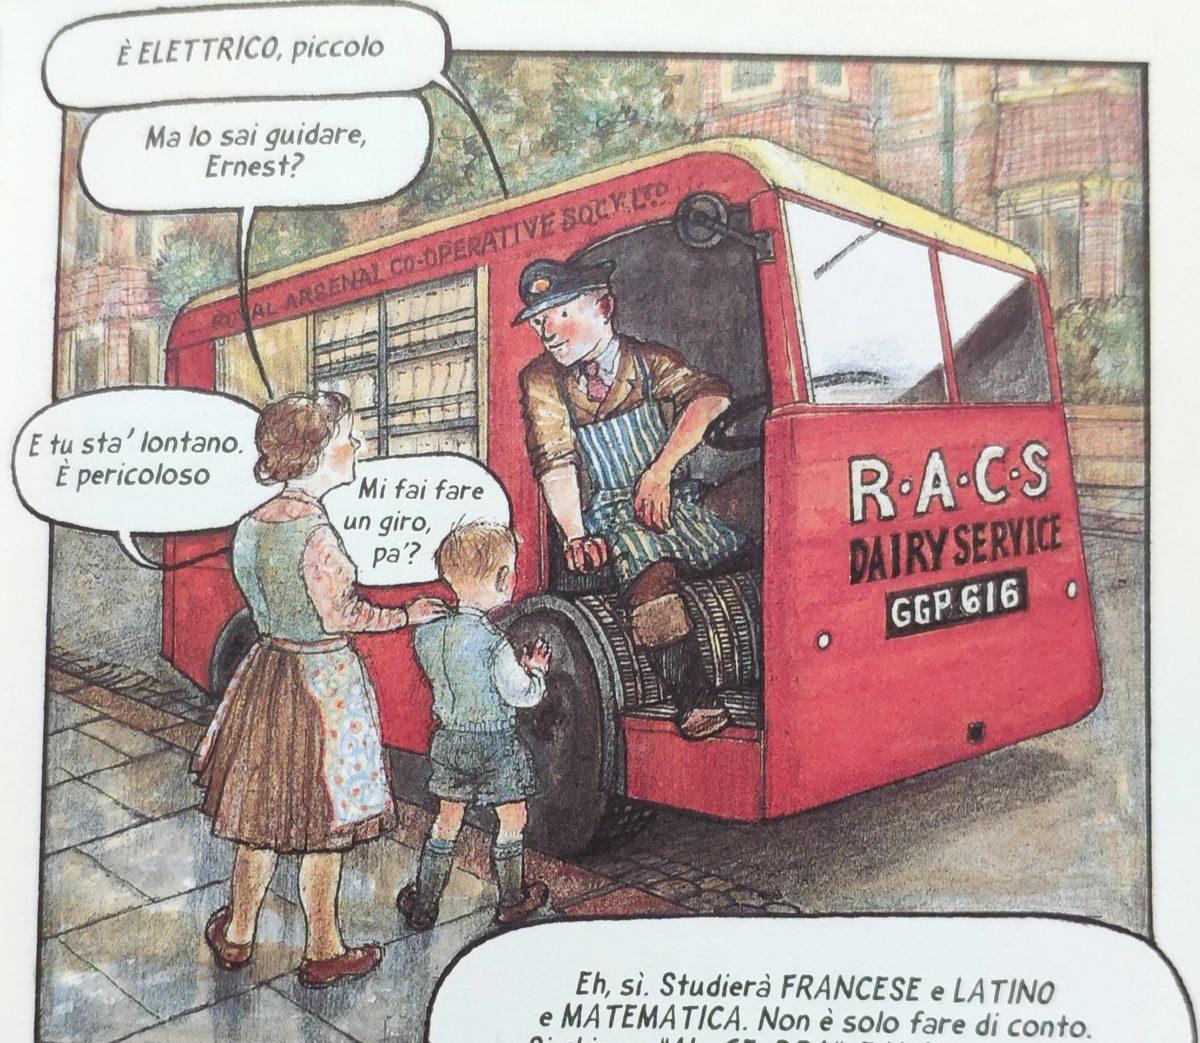 Mio caro fumetto... - Il camioncino elettrico per distribuire il latte